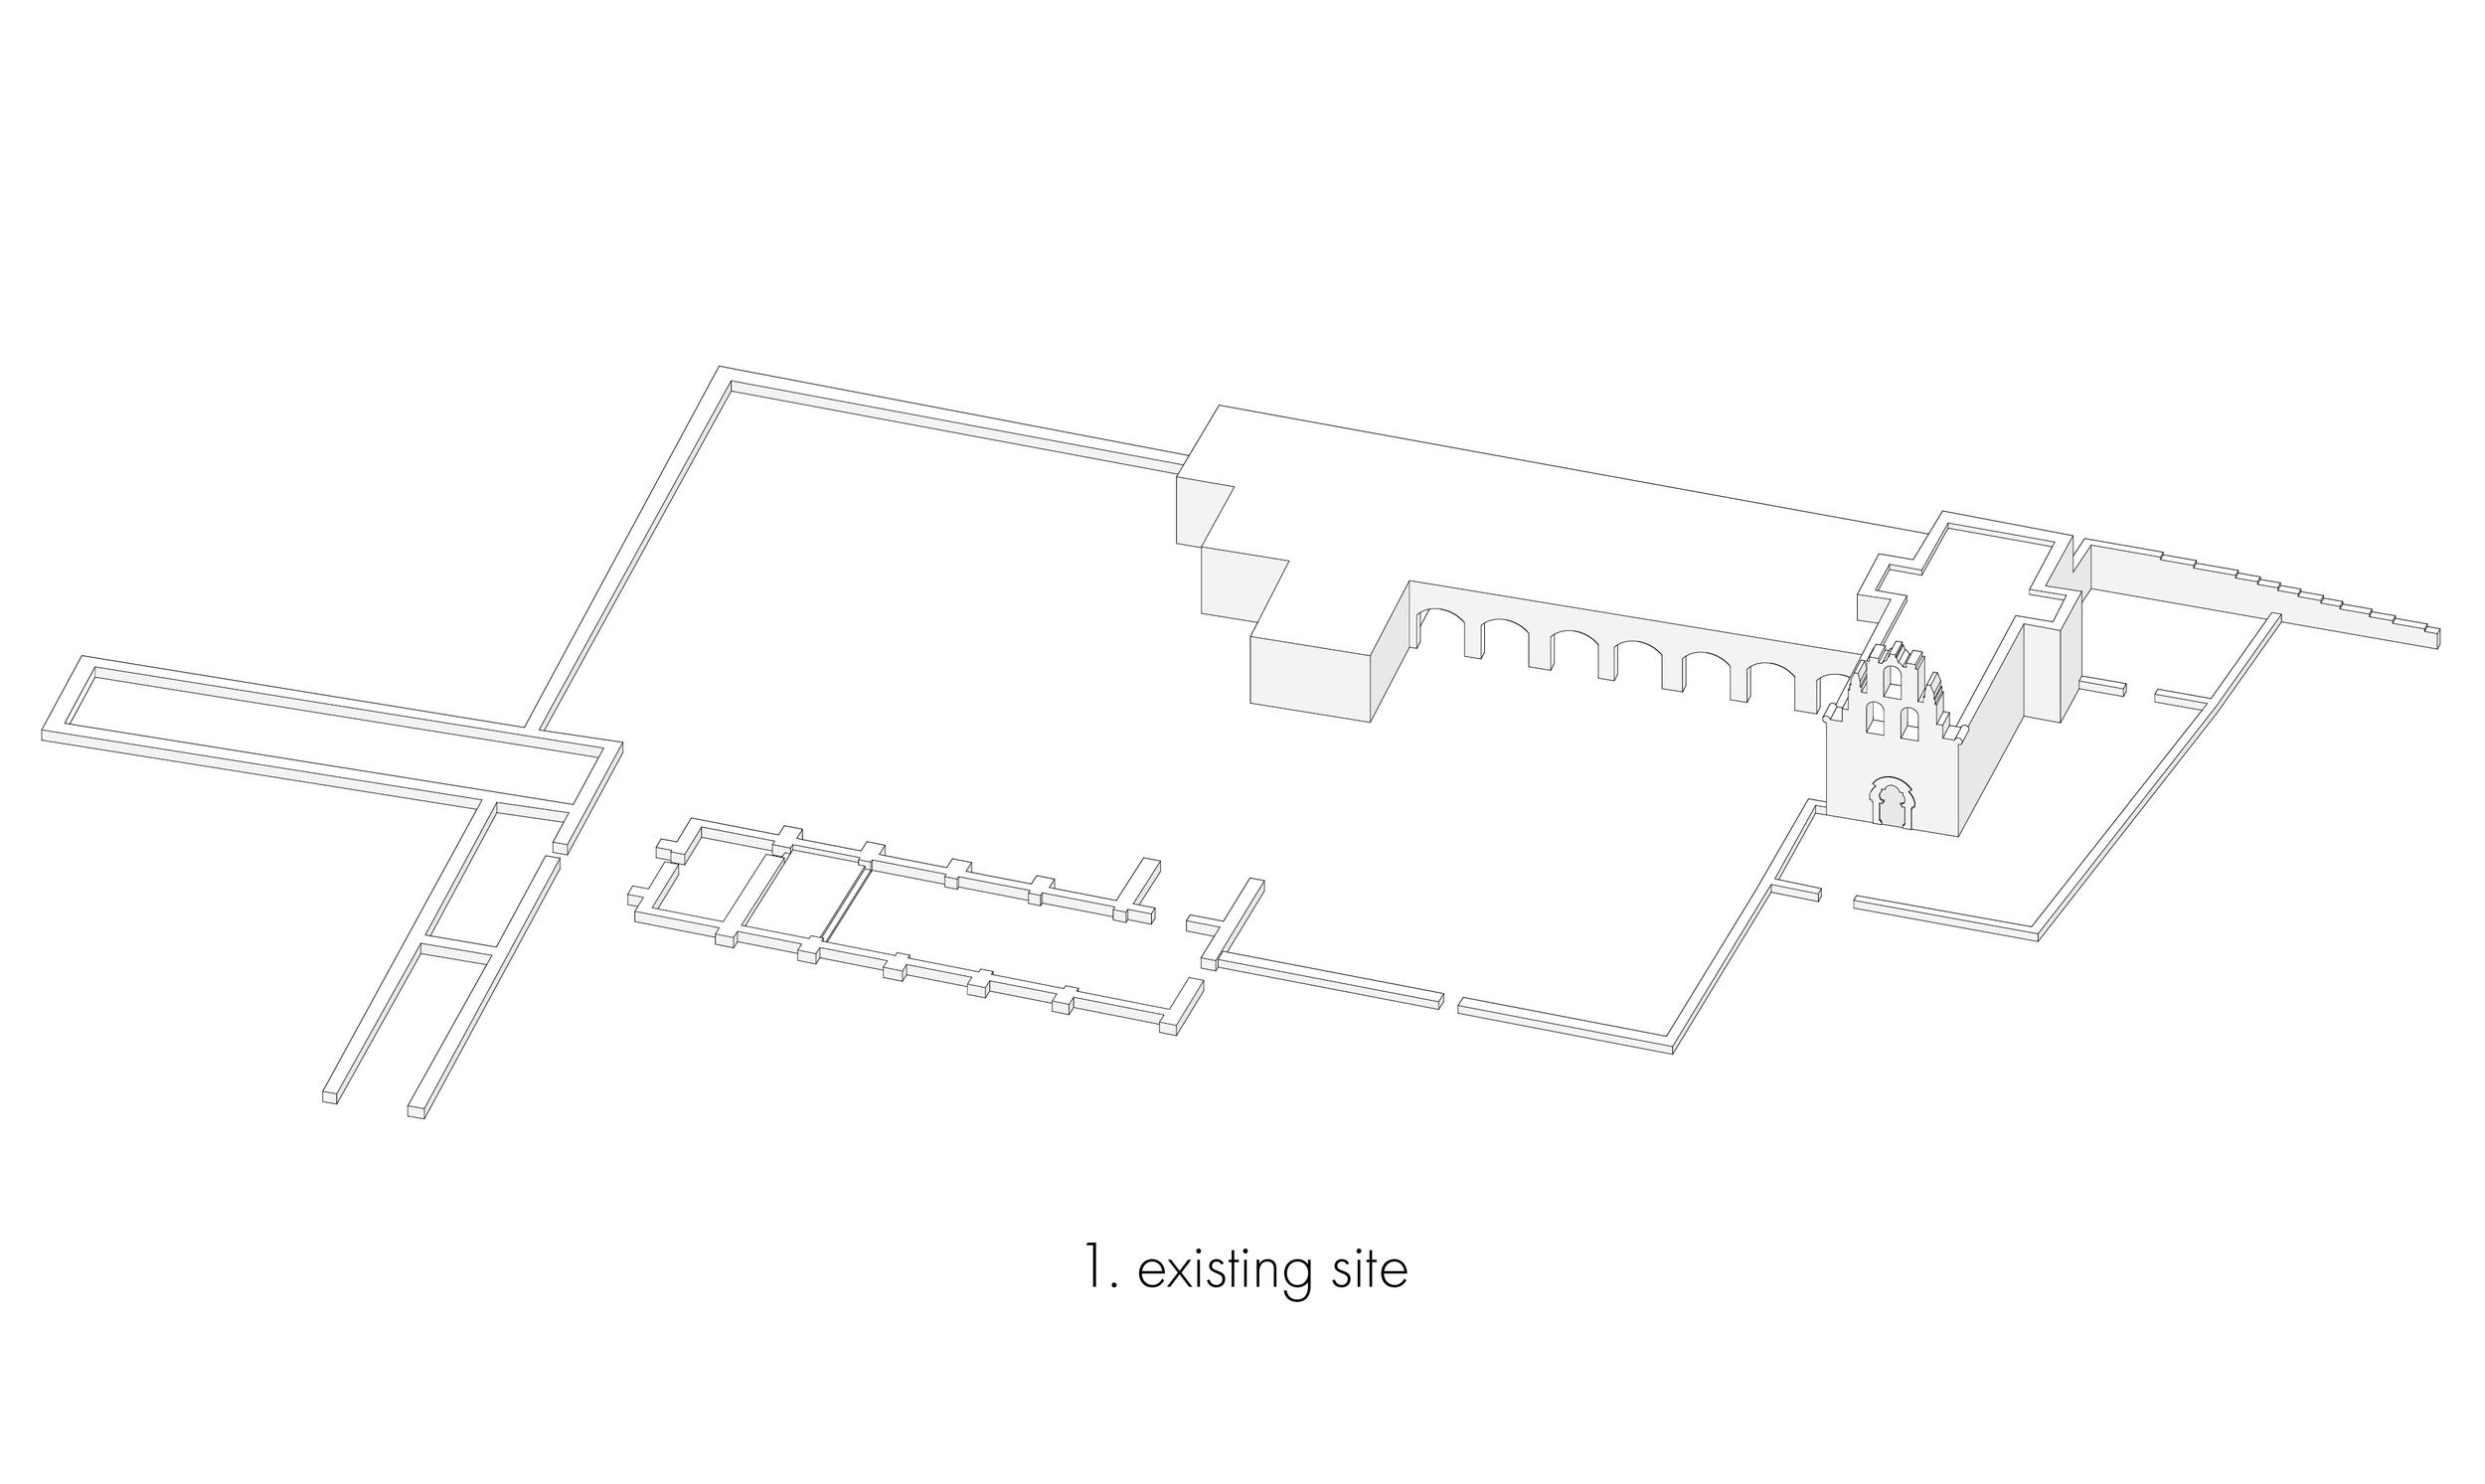 Diagram 01-text-01.png